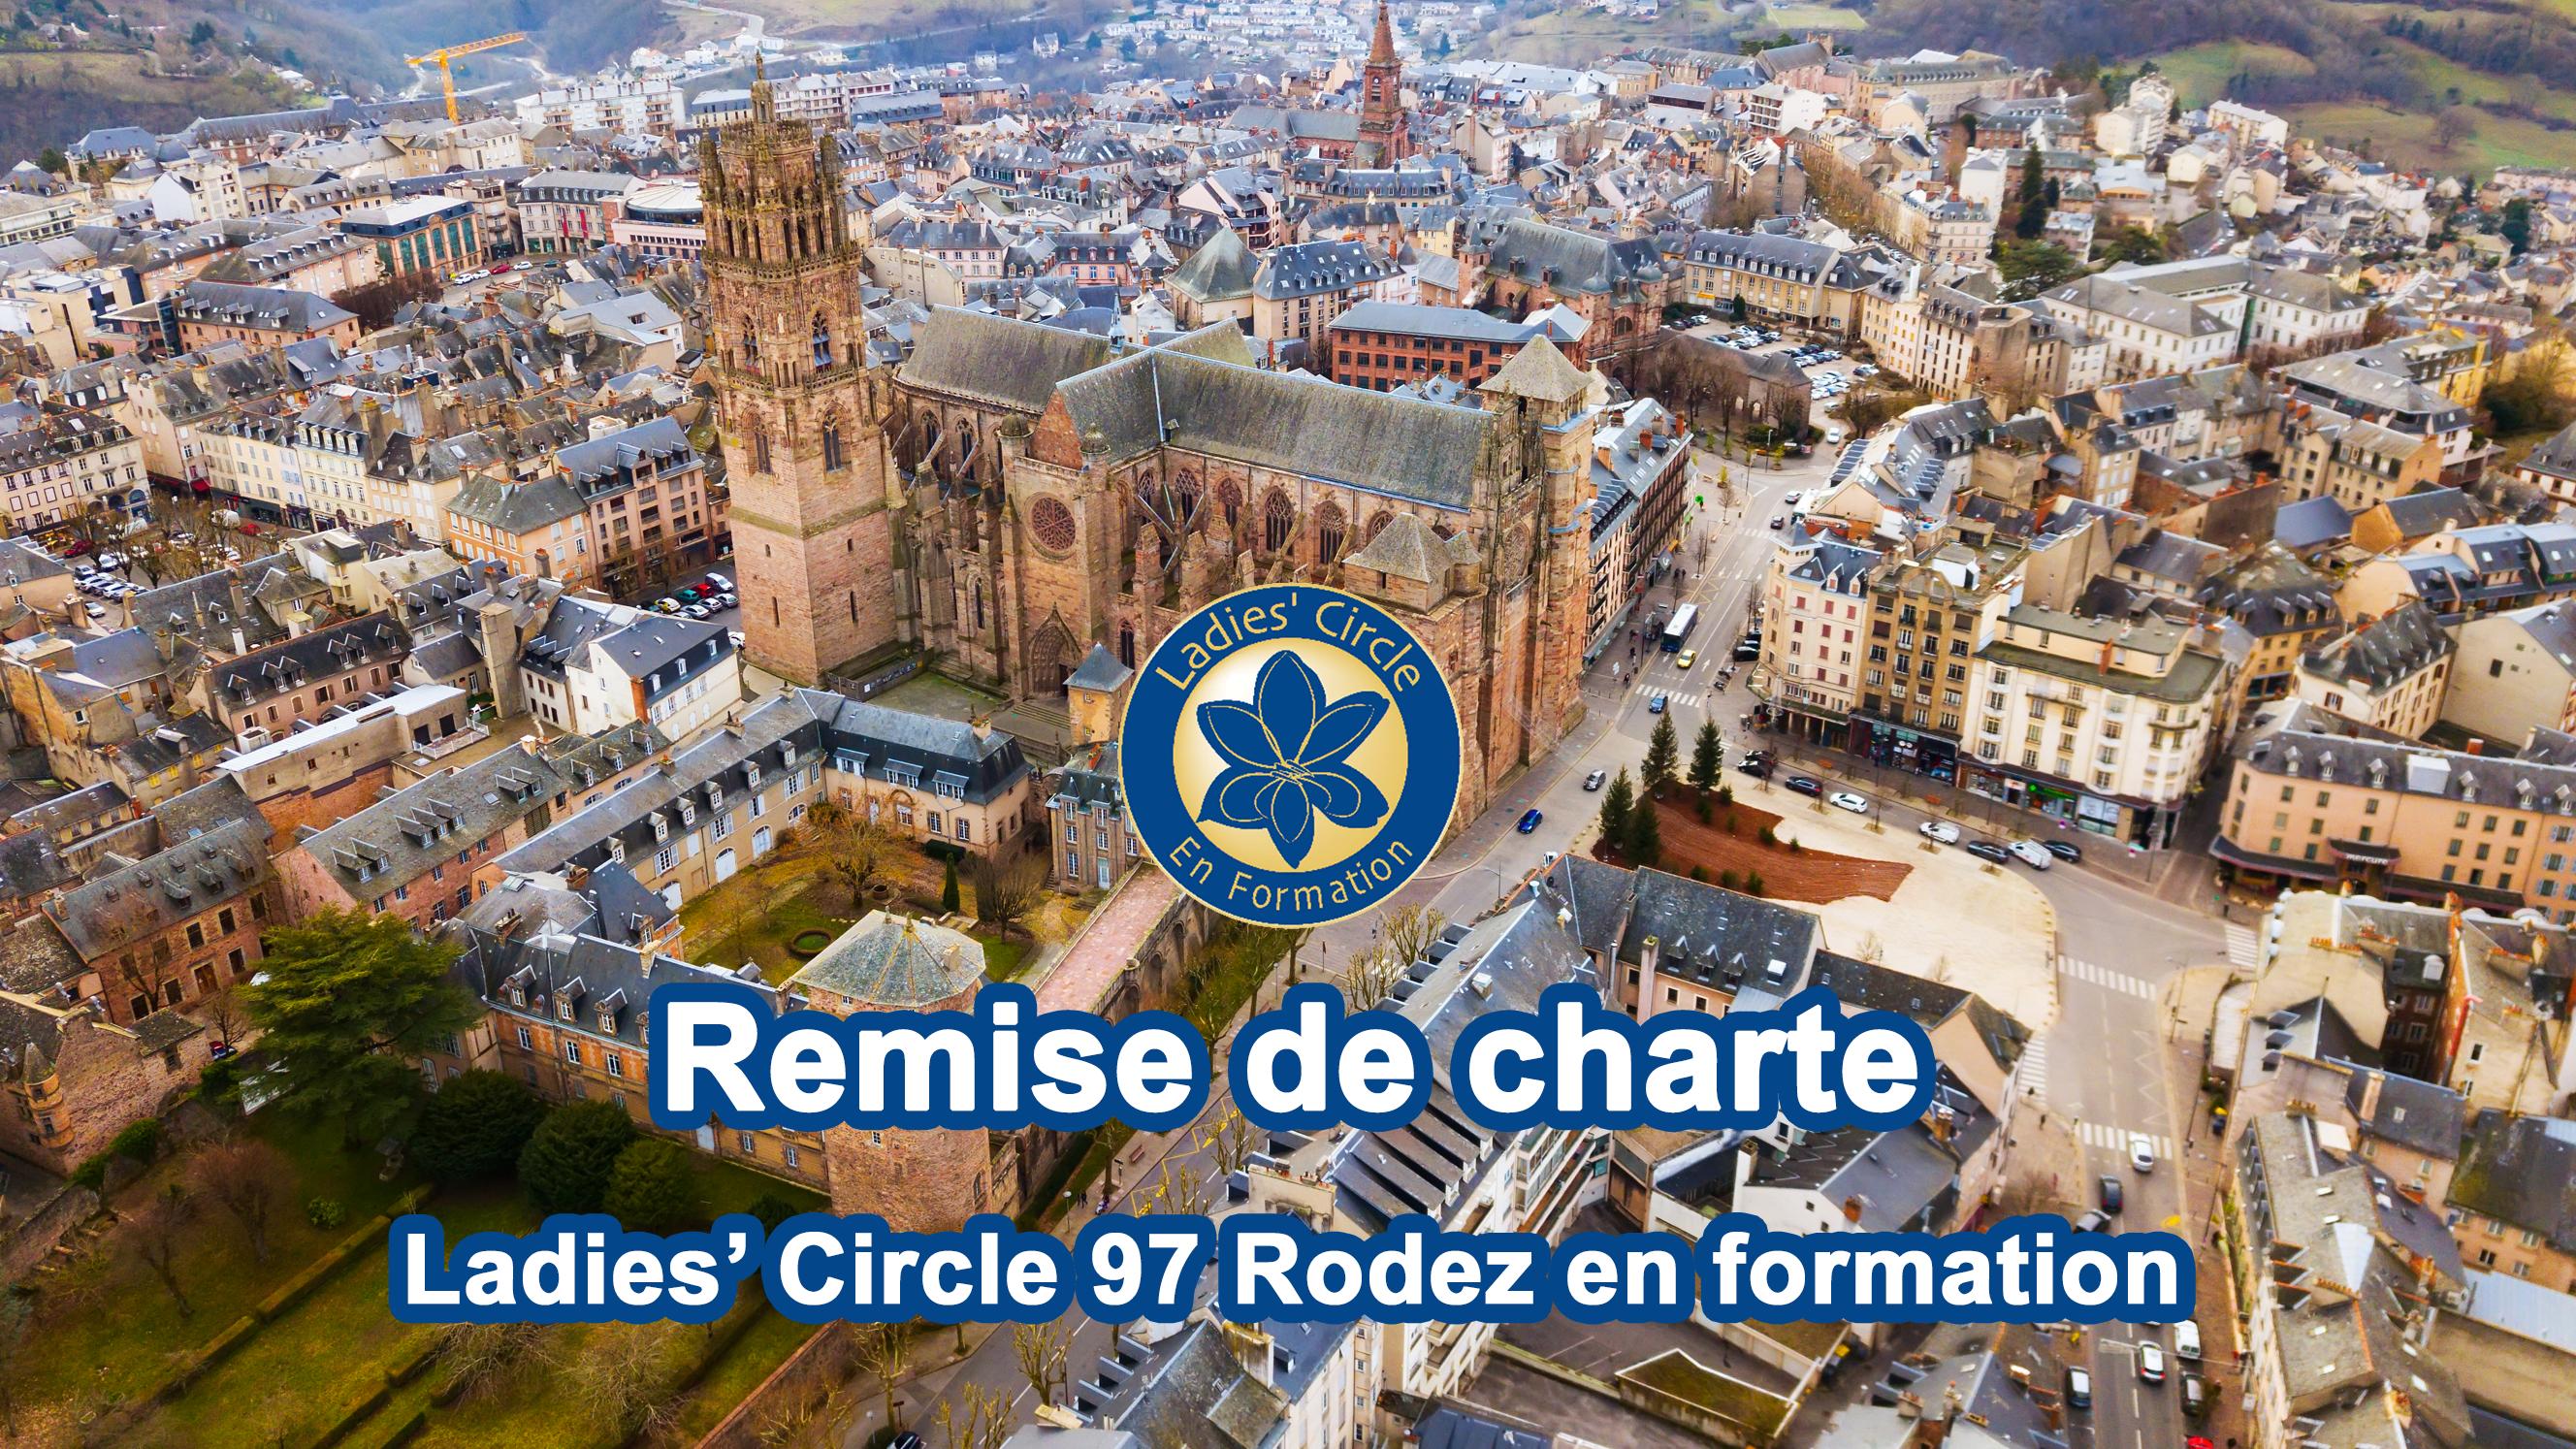 Remise de charte Ladies' Circle 97 Rodez